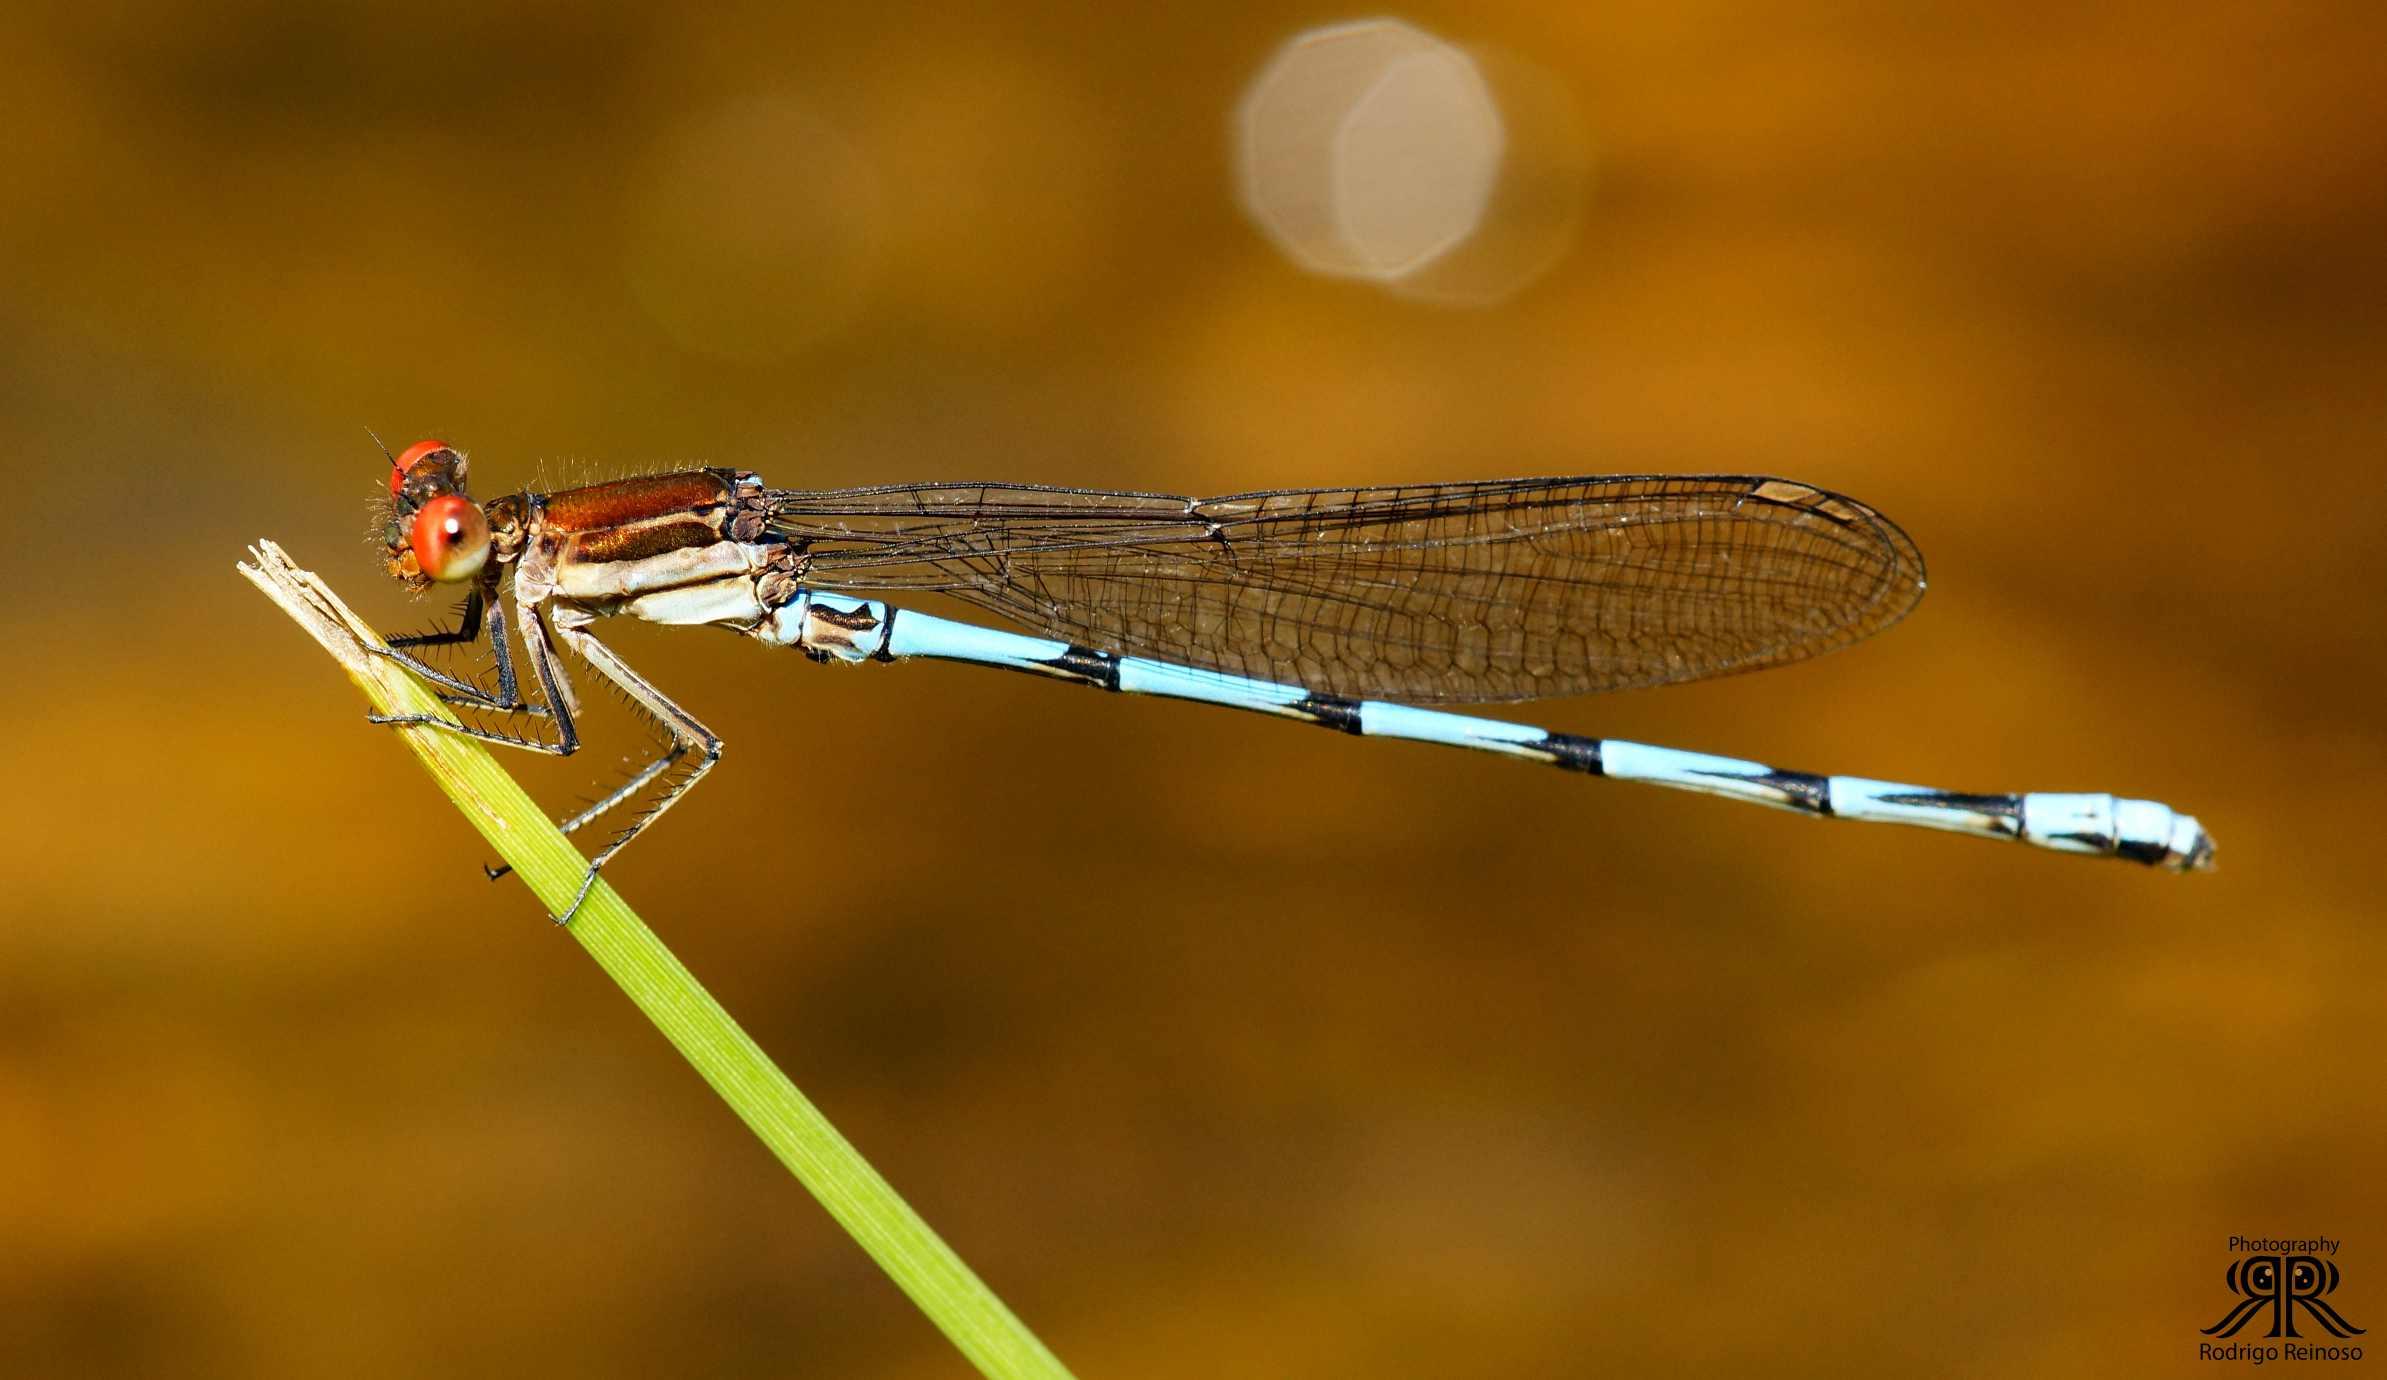 zygóptera perfil